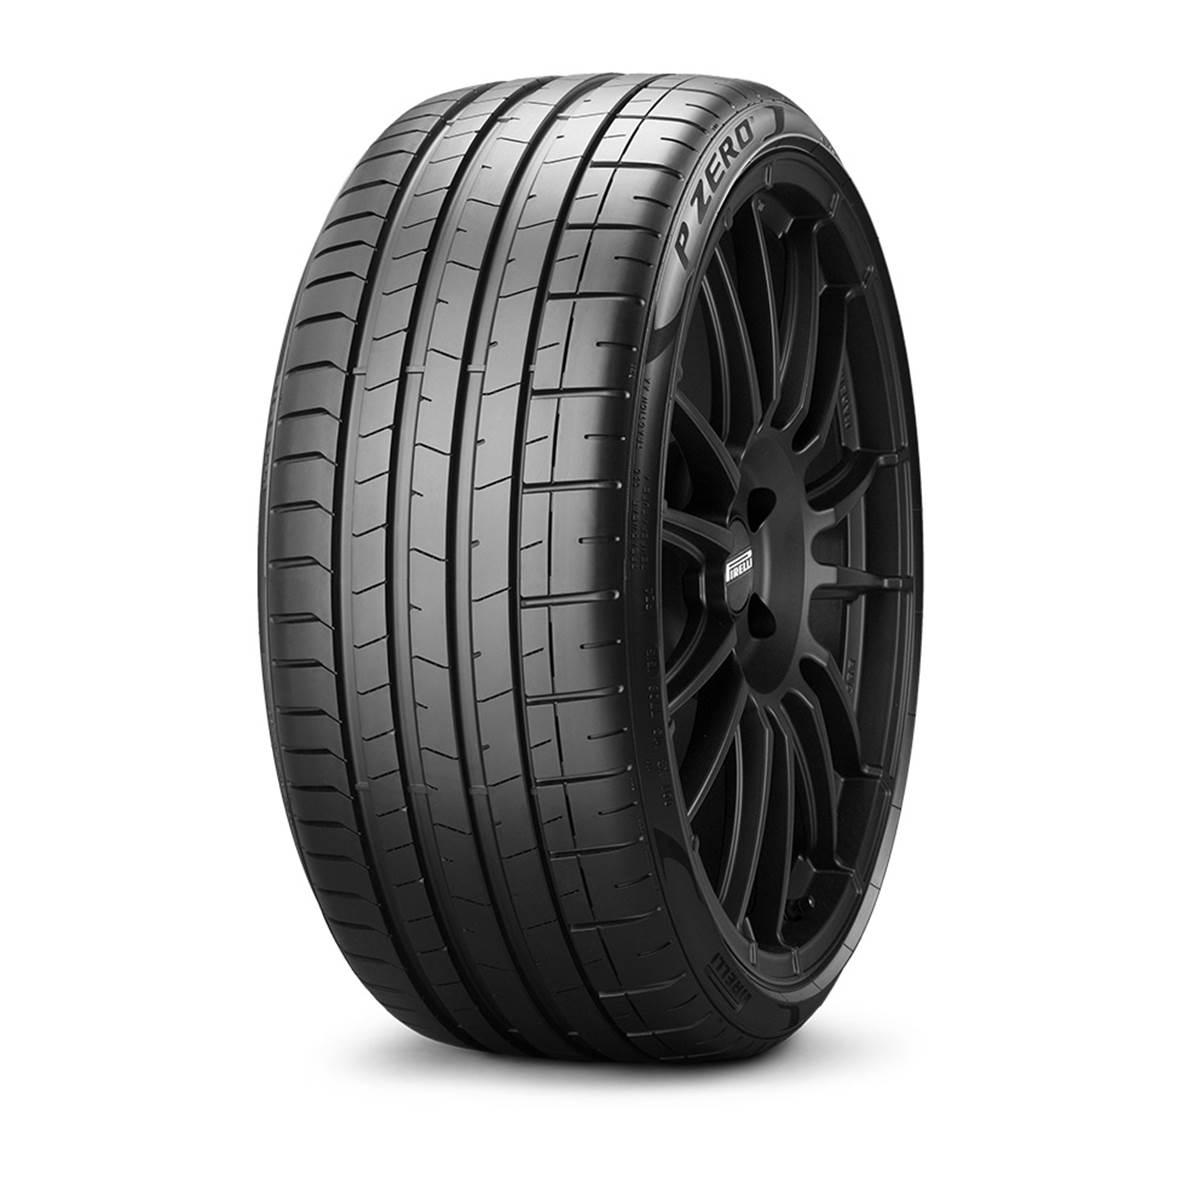 Pneu Runflat Pirelli 255/40R18 95Y Pzero